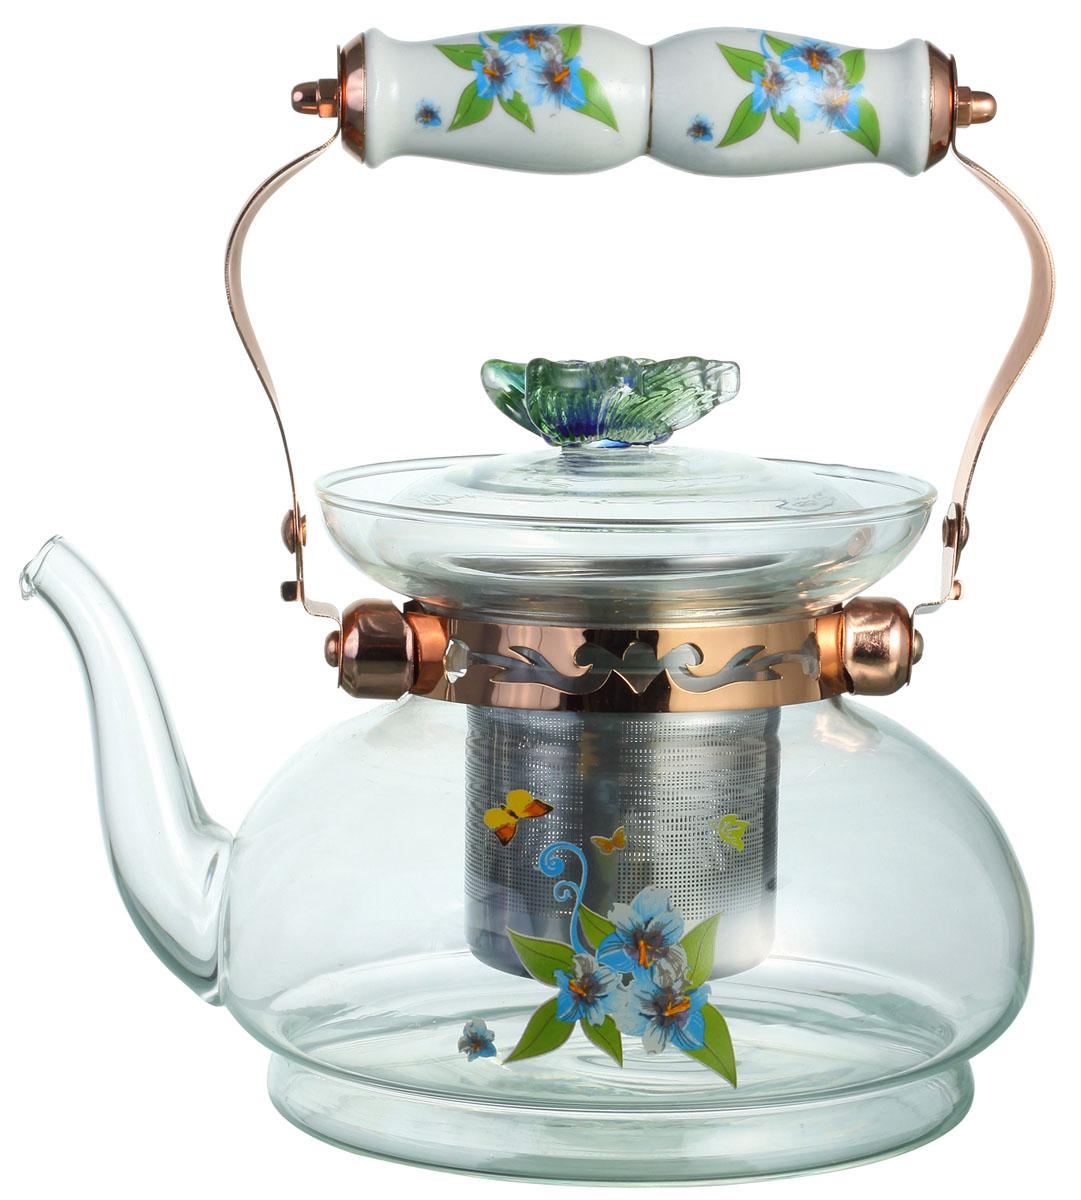 Чайник заварочный Bekker, цвет: голубые цветы, 1,2 л. BK-7617BK-7617Заварочный чайник Bekker выполнен из жаростойкого стекла, которое хорошо удерживает тепло. Ручка и съемное ситечко внутри чайника выполнены из высококачественной нержавеющей стали. Высокая ручка чайника, снабженная фарфоровой насадкой, позволяет с легкостью удерживать его на весу. Съемное ситечко для заварки предотвращает попадание чаинок и листочков в настой. Заварочный чайник украшен изящным рисунком, что придает ему элегантность. Заварочный чайник из стекла удобно использовать для повседневного заваривания чая практически любого сорта. Но цветочные, фруктовые, красные и желтые сорта чая лучше других раскрывают свой вкус и аромат при заваривании именно в стеклянных чайниках и сохраняют полезные ферменты и витамины, содержащиеся в чайных листах. Высота чайника: 13 см.